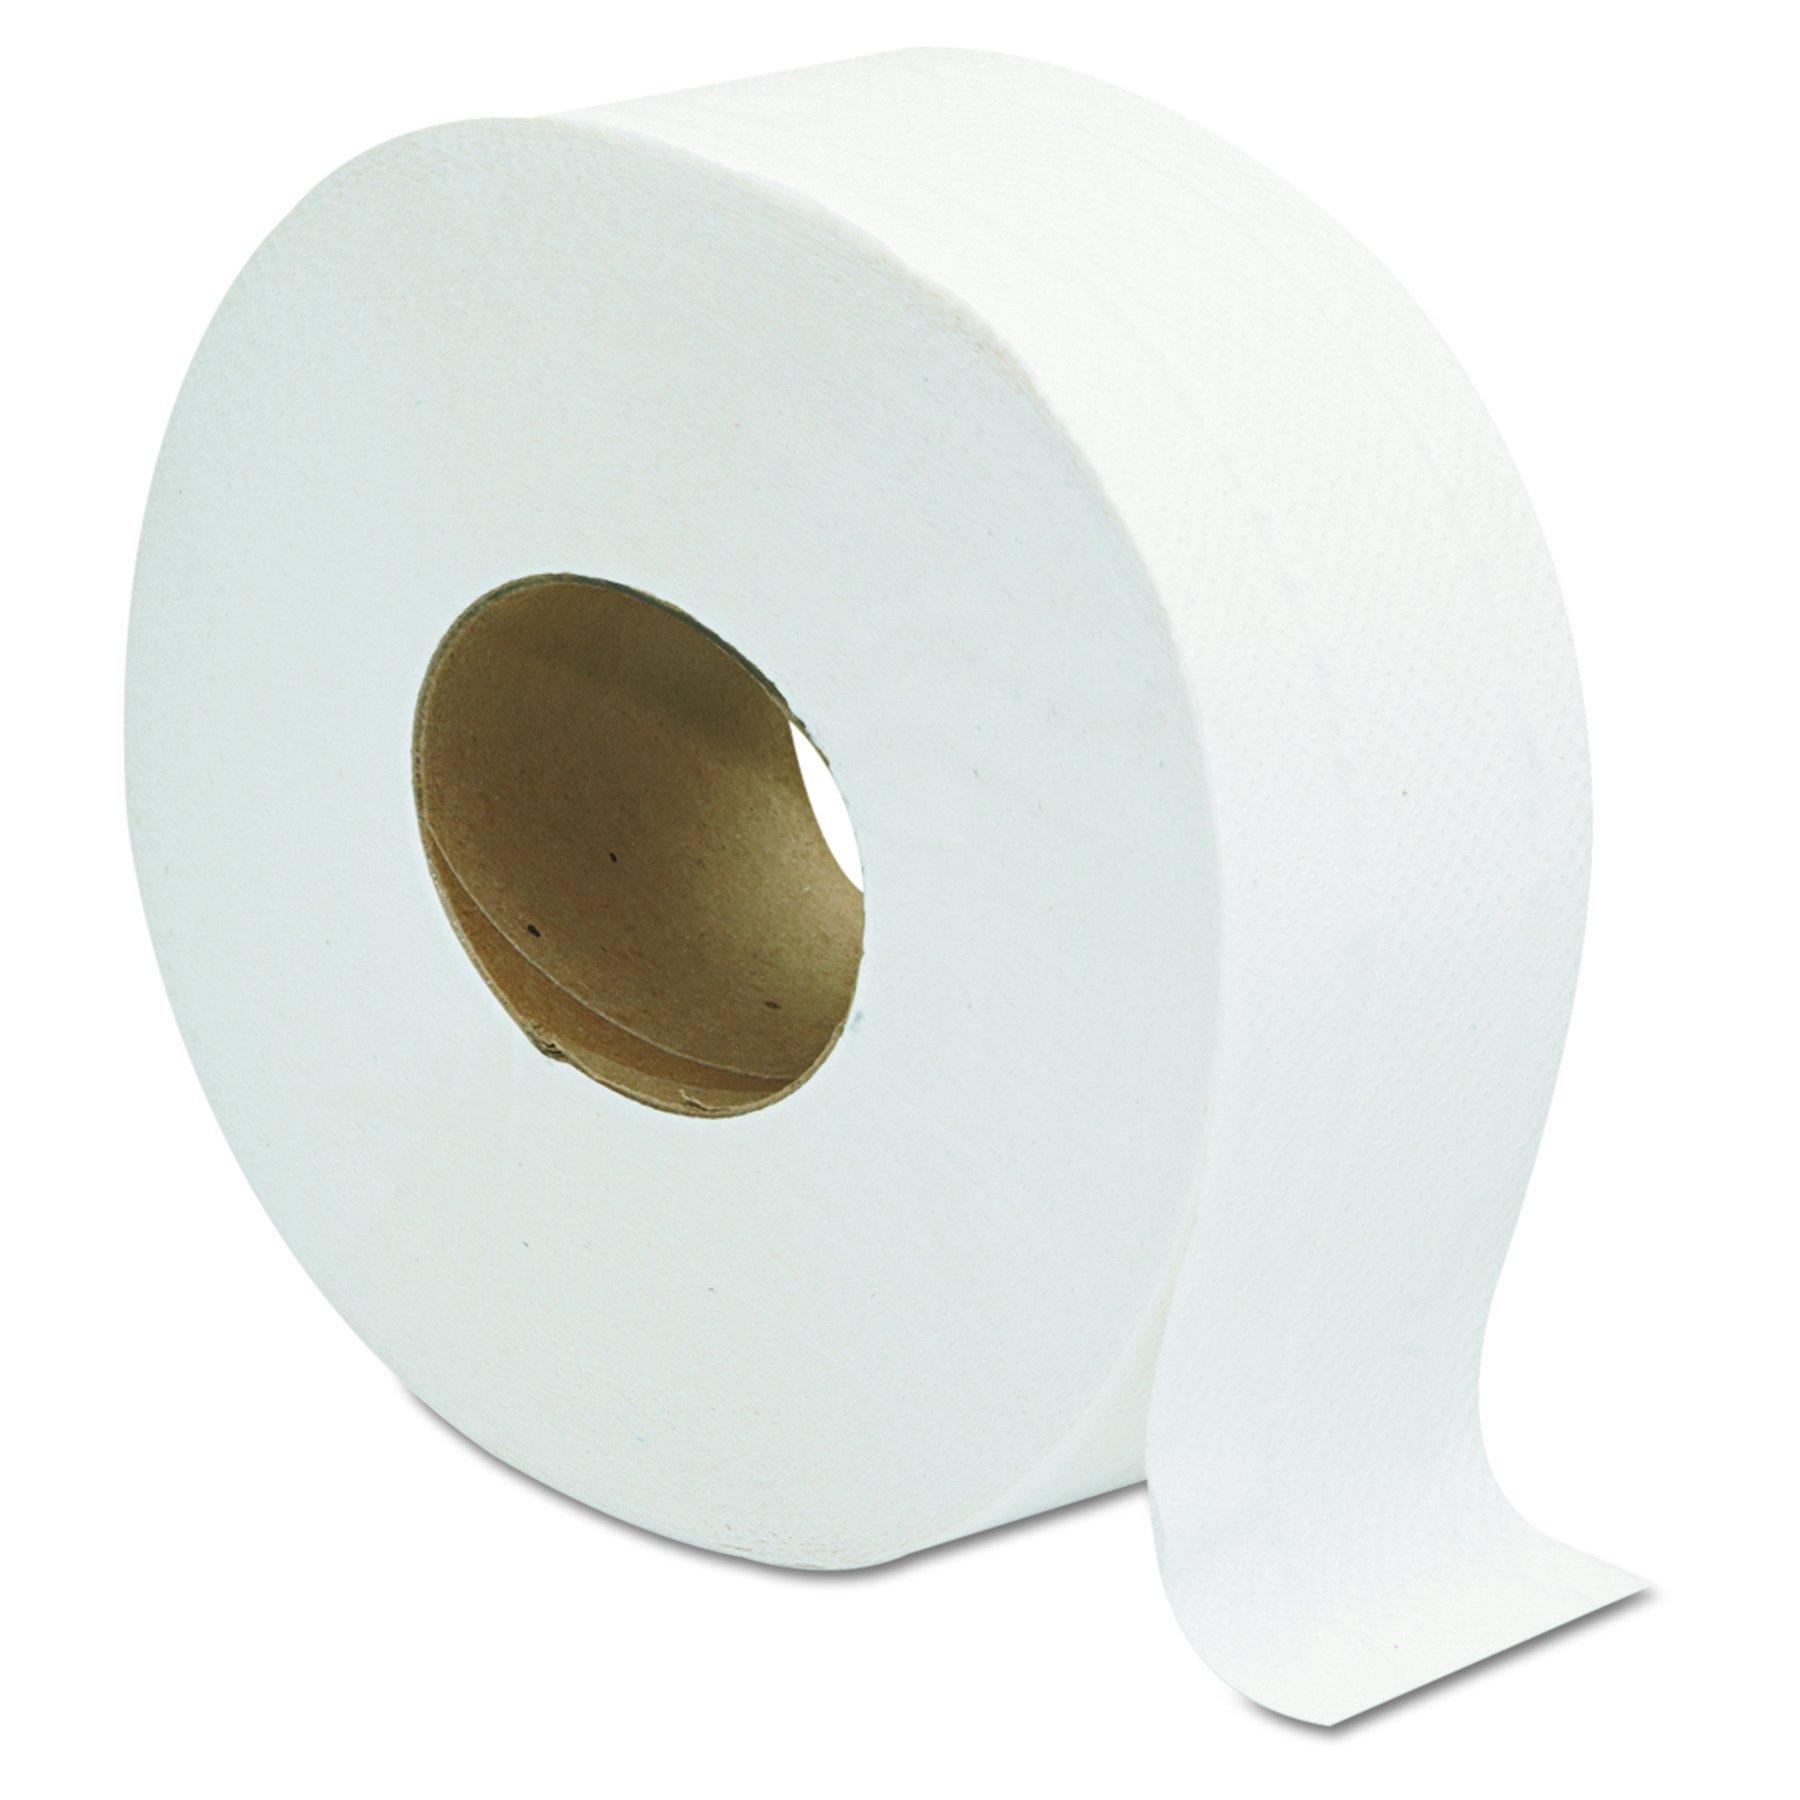 Jumbo JRT Ultra Bath Tissue, 2-Ply, White, 9 in Diameter (Case of 12 Rolls)